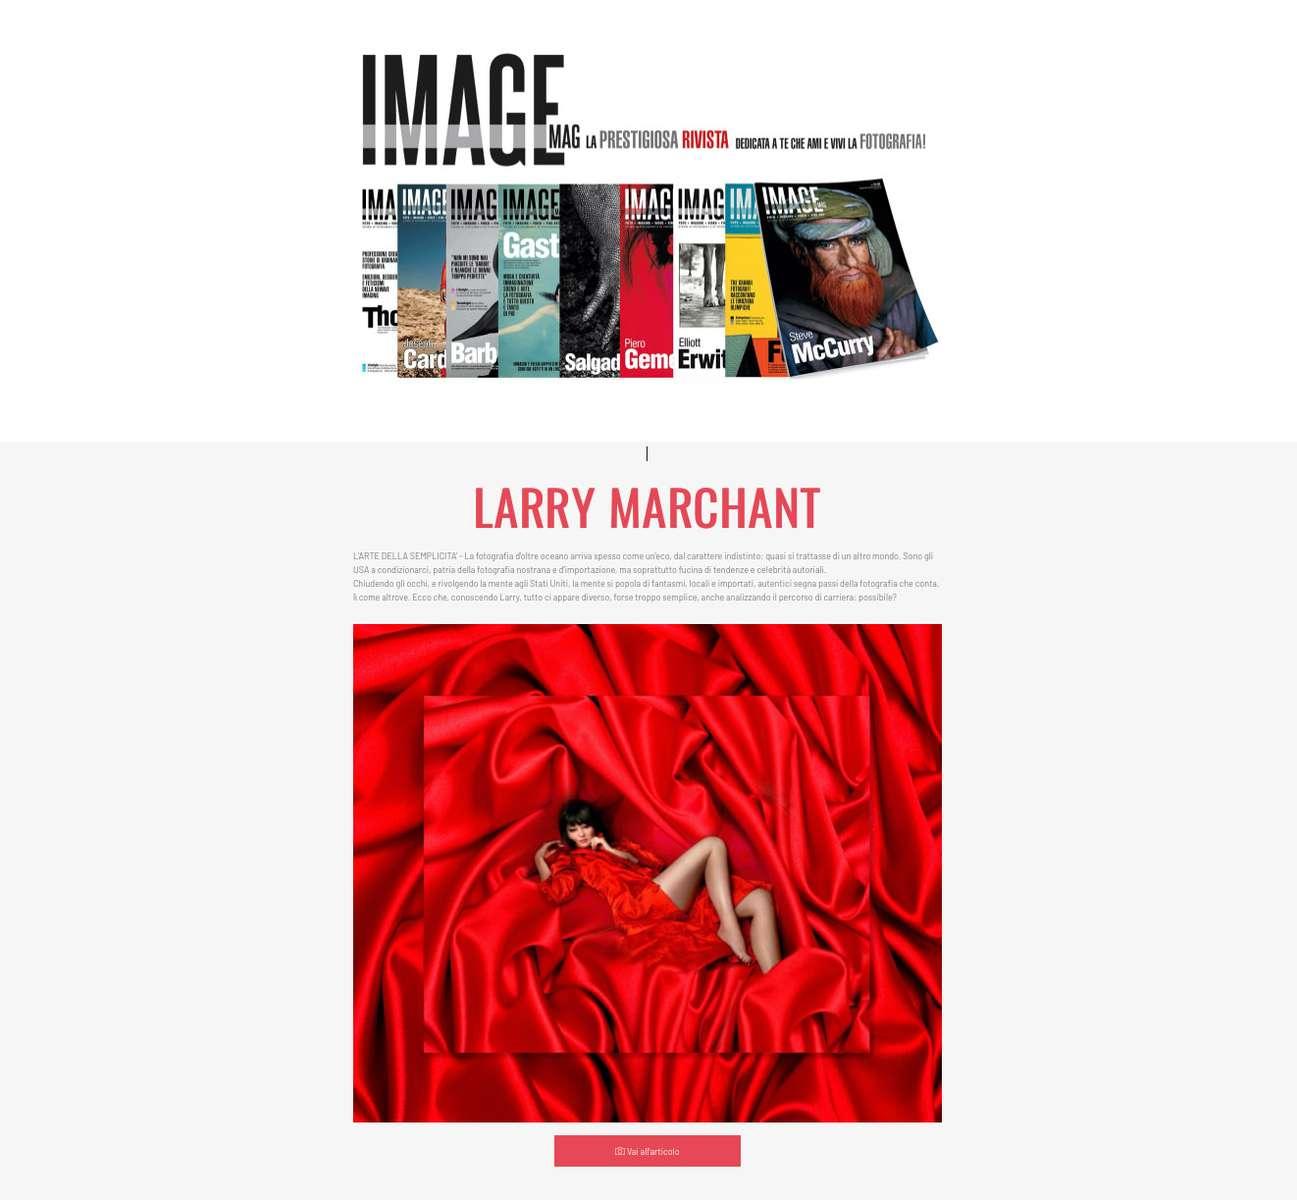 IMAG_MAG_2